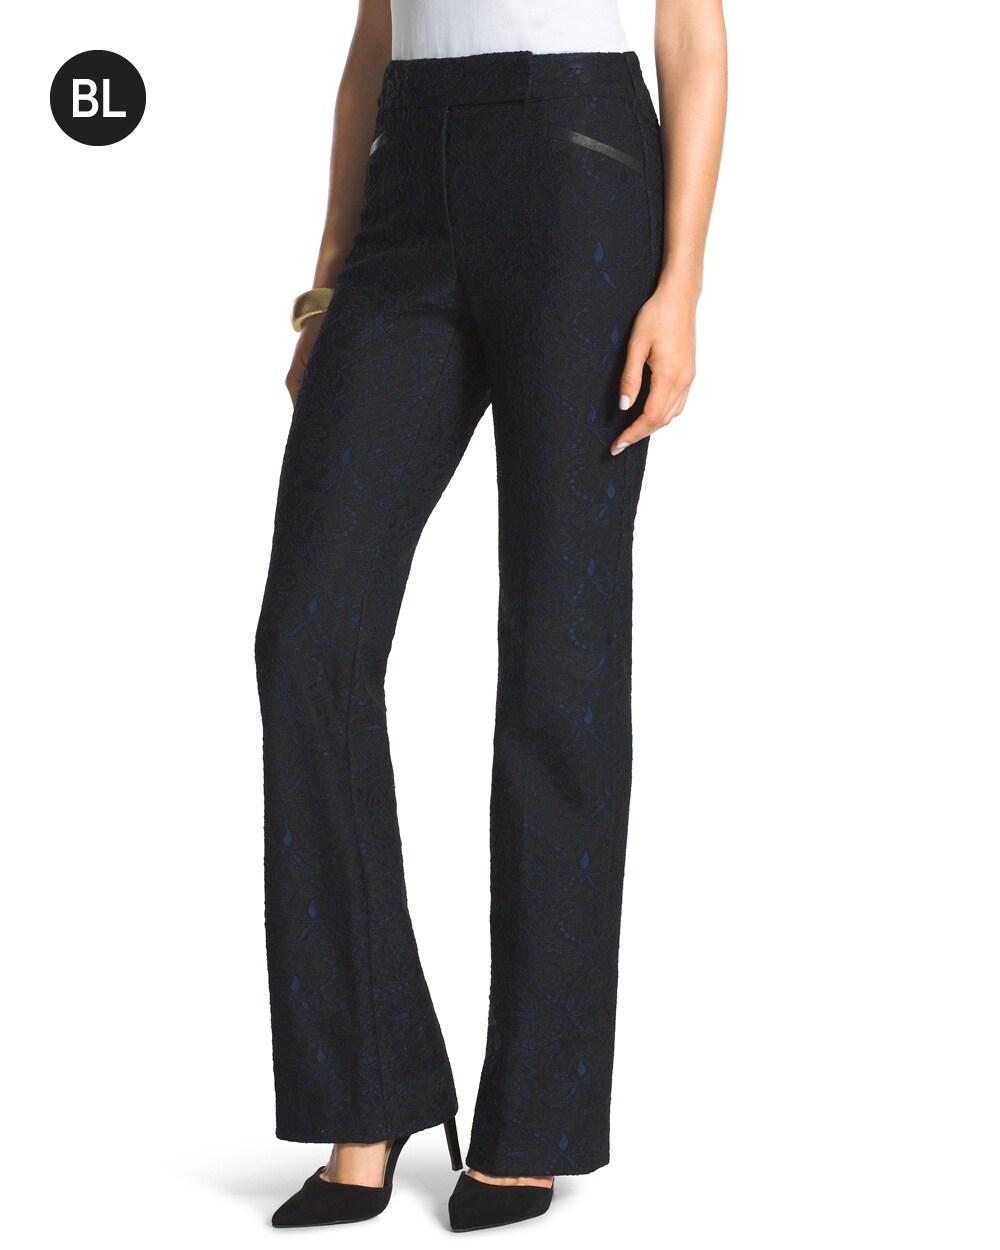 Lace Trouser Pants - Chicos